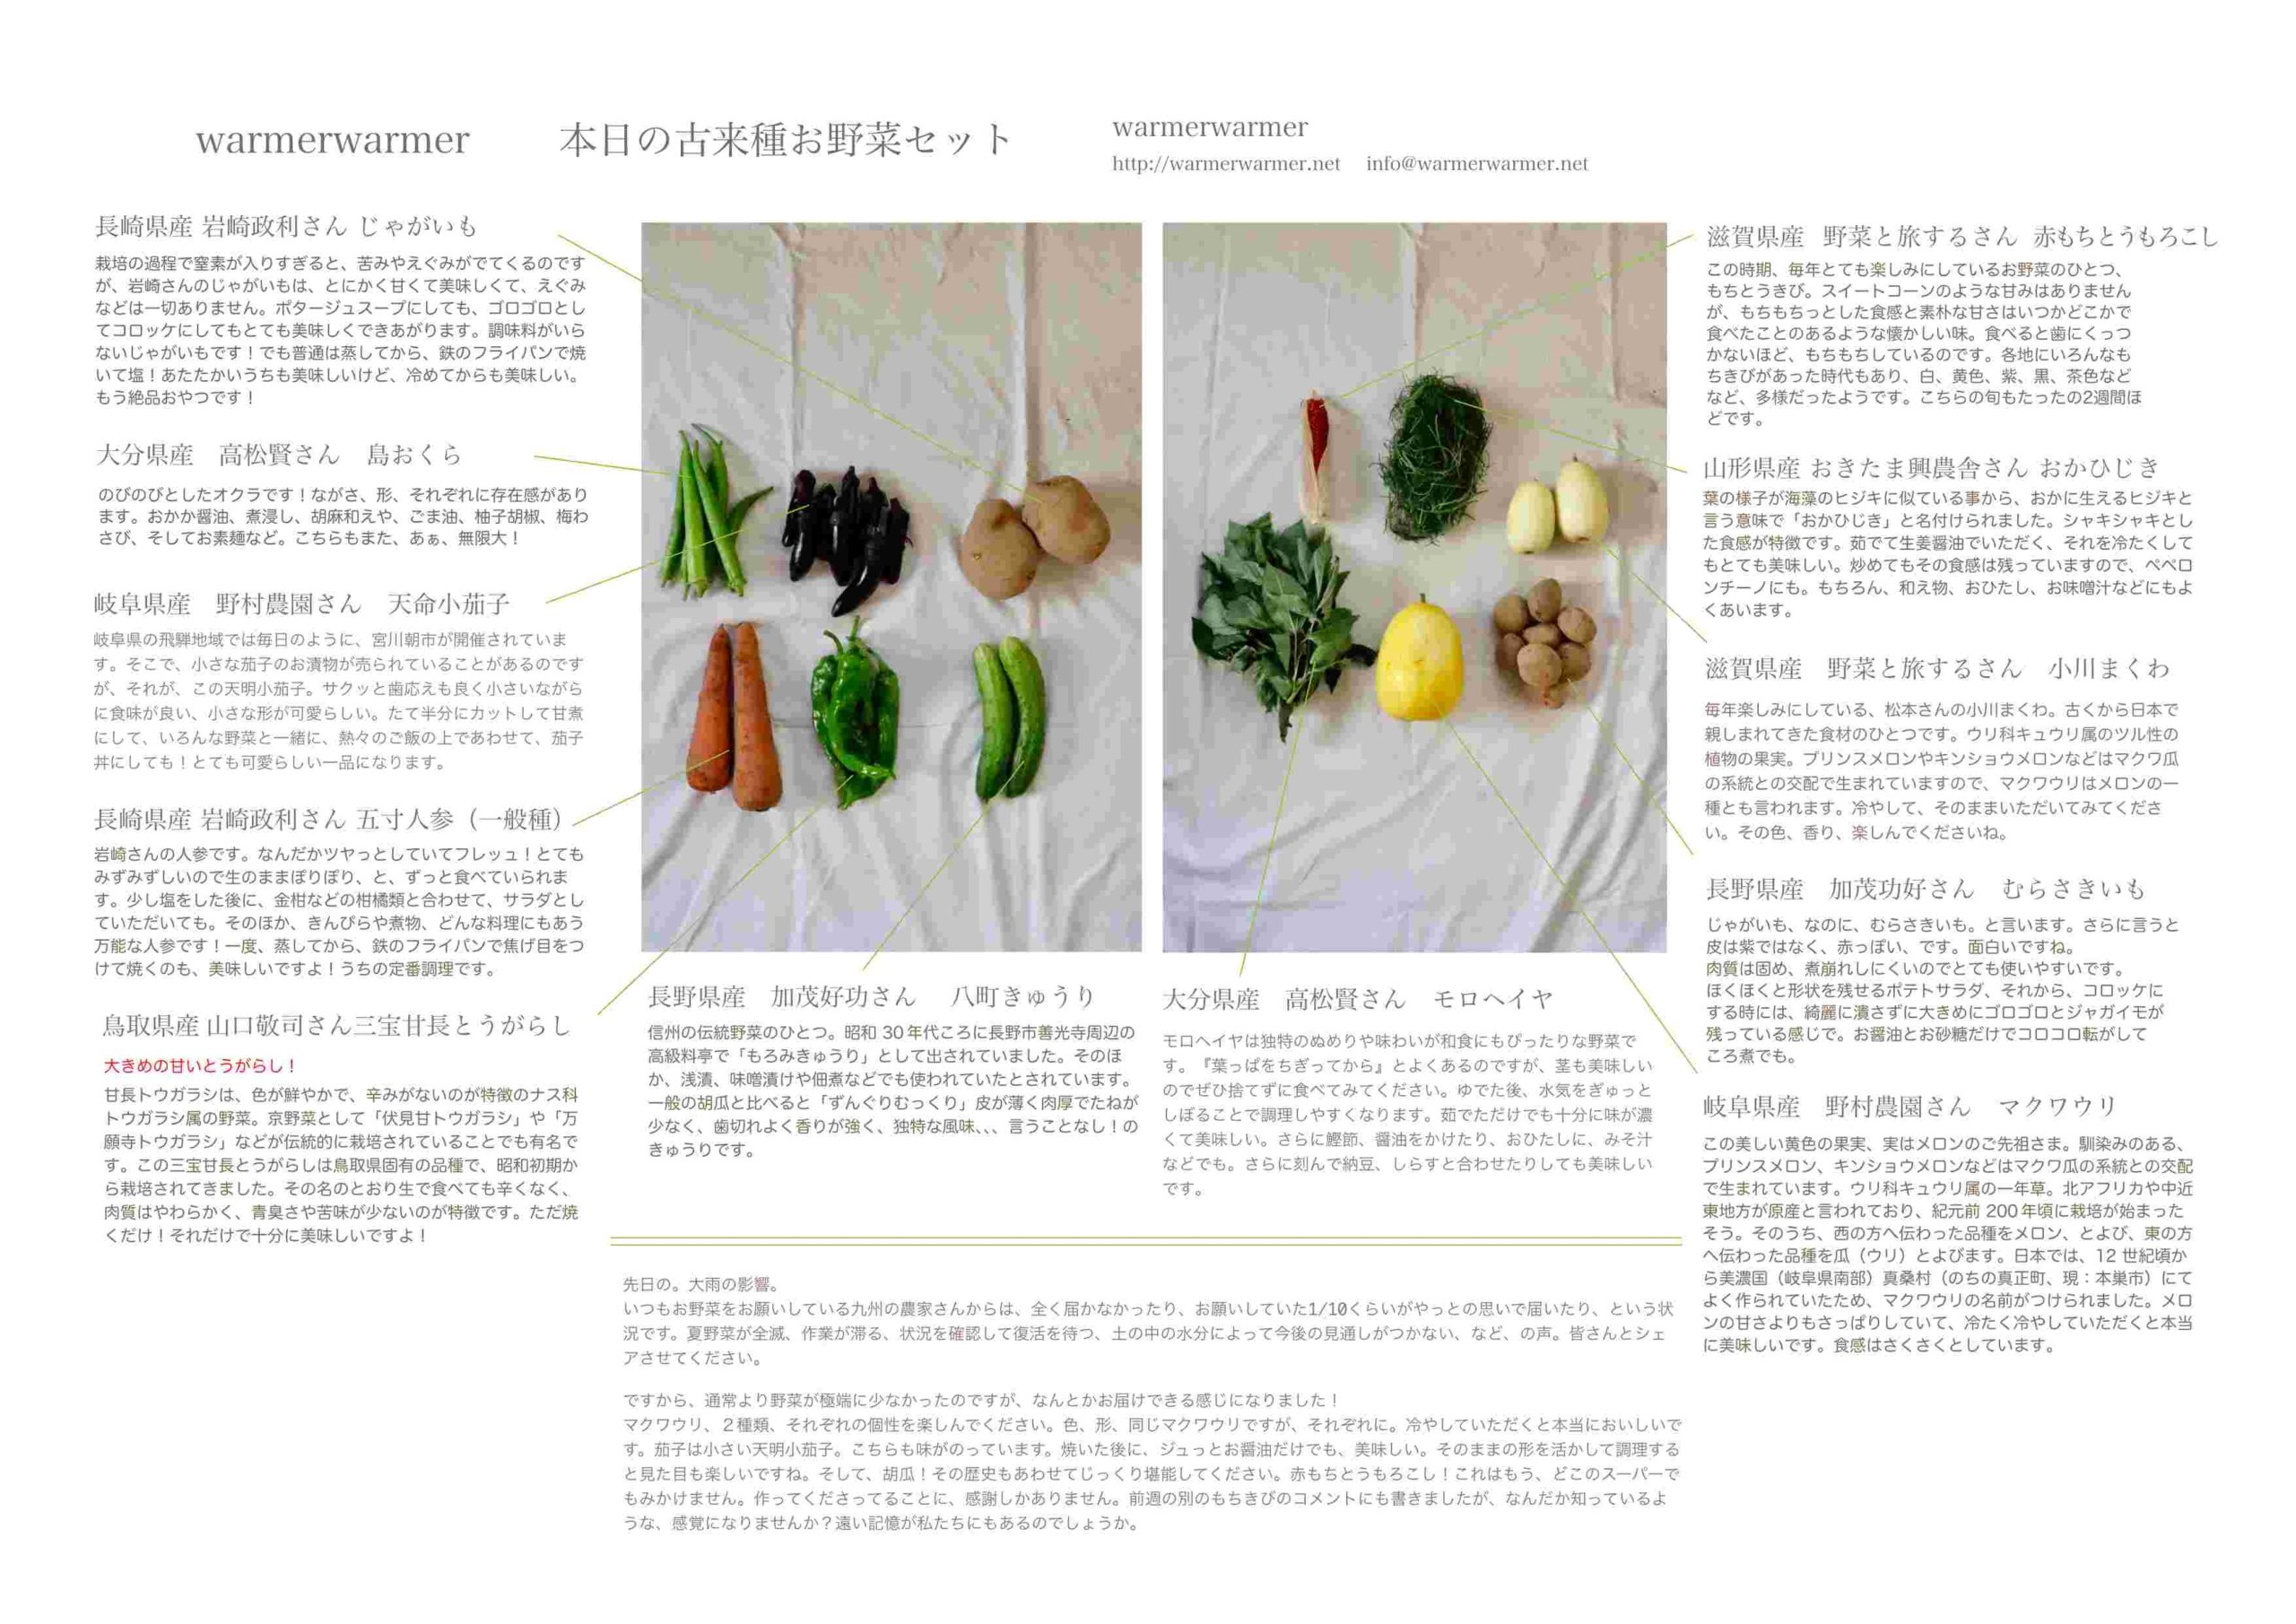 8月20日 本日のお野菜セットの内容です。